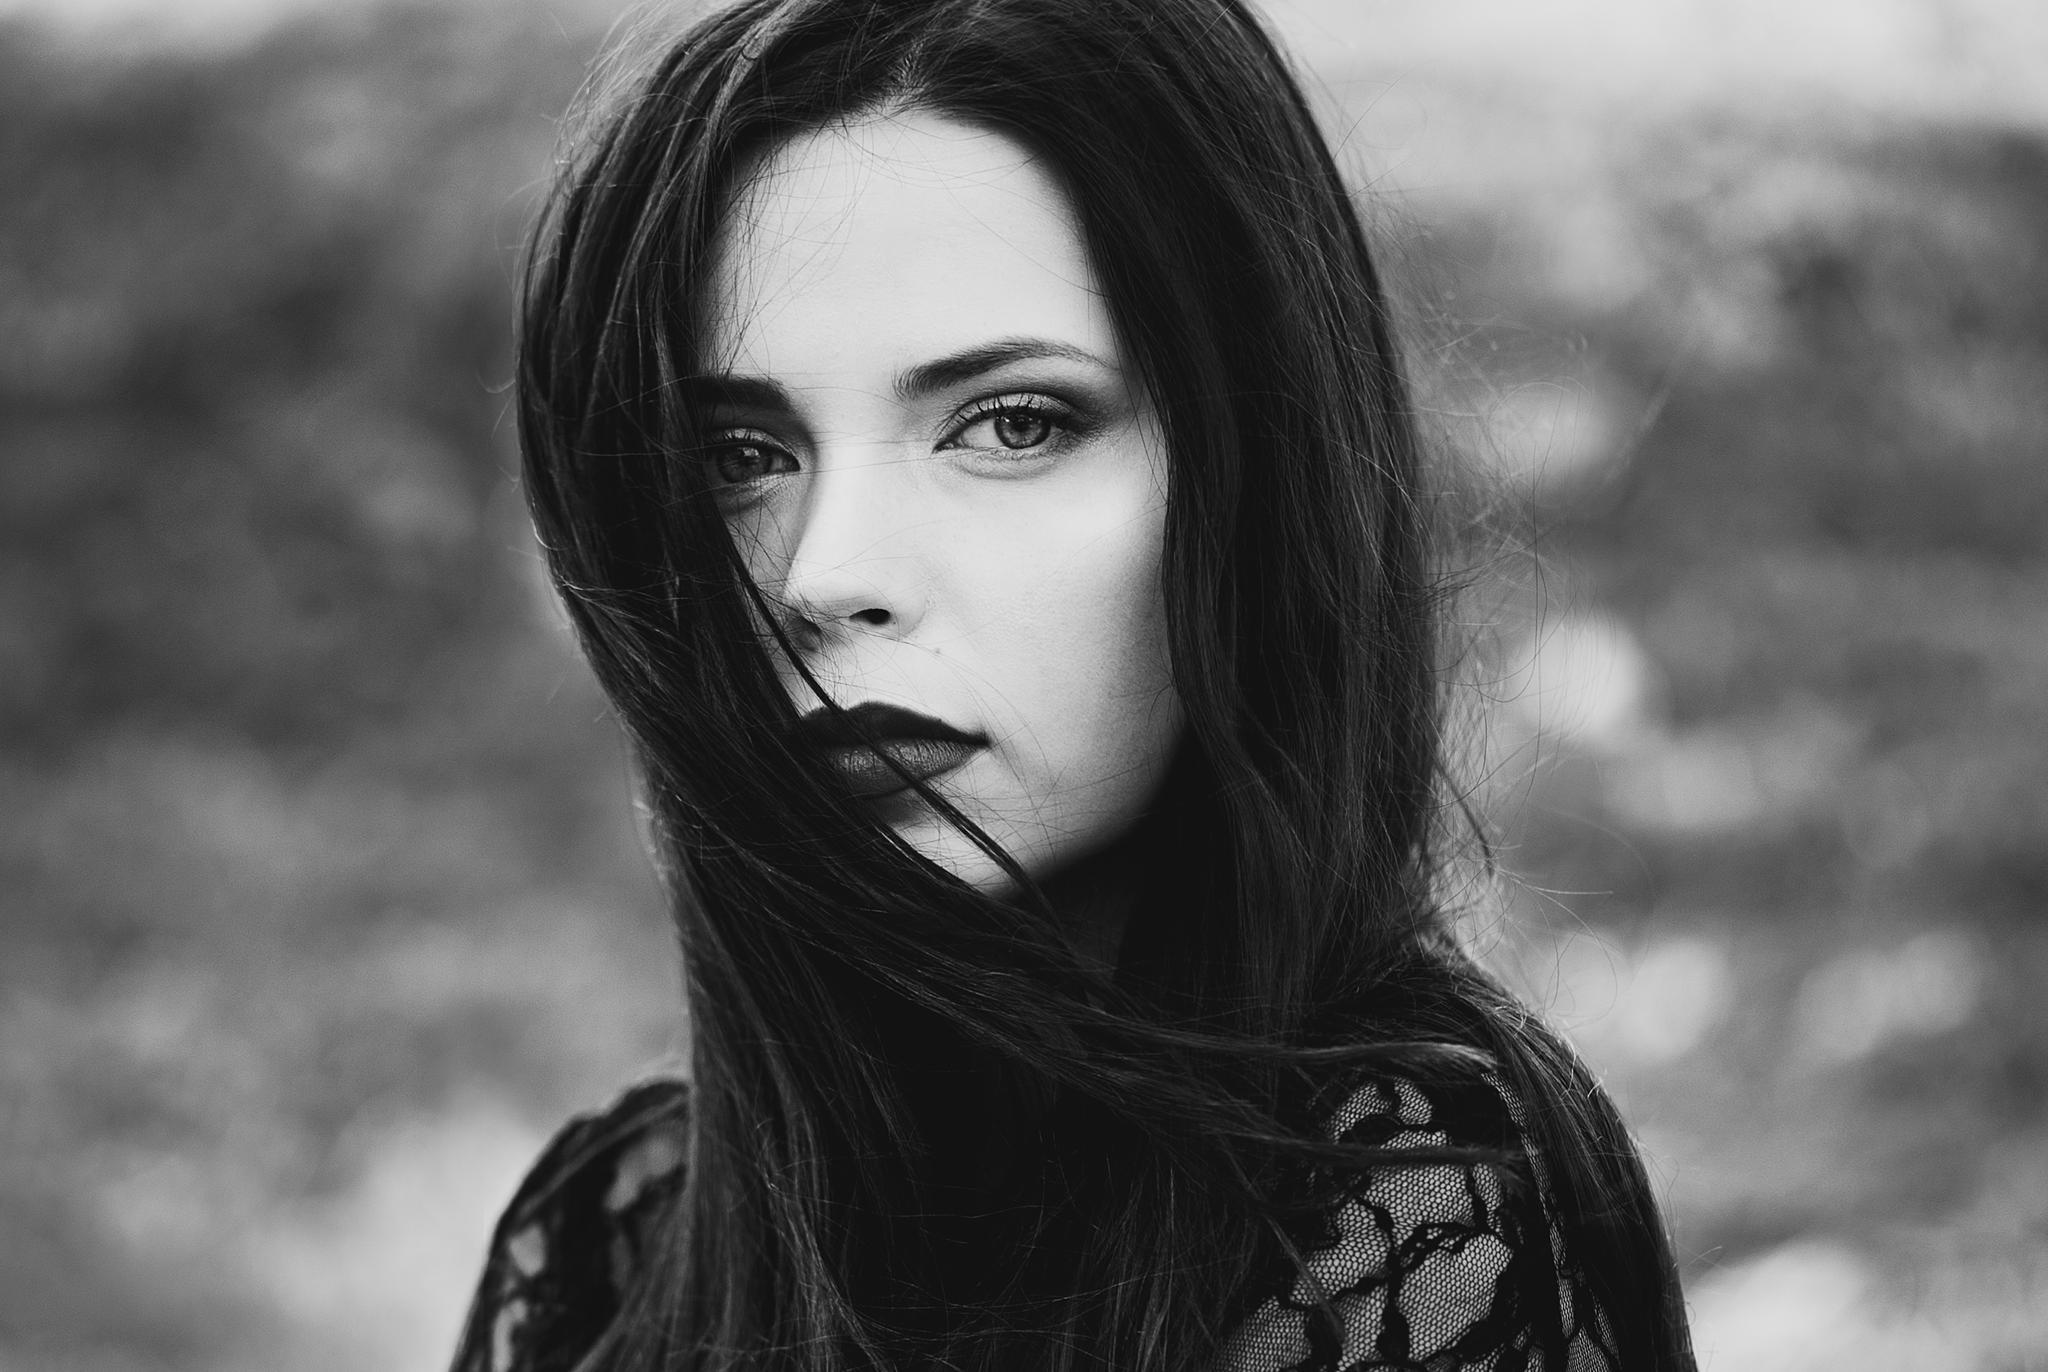 Black and white © Ann Nevreva